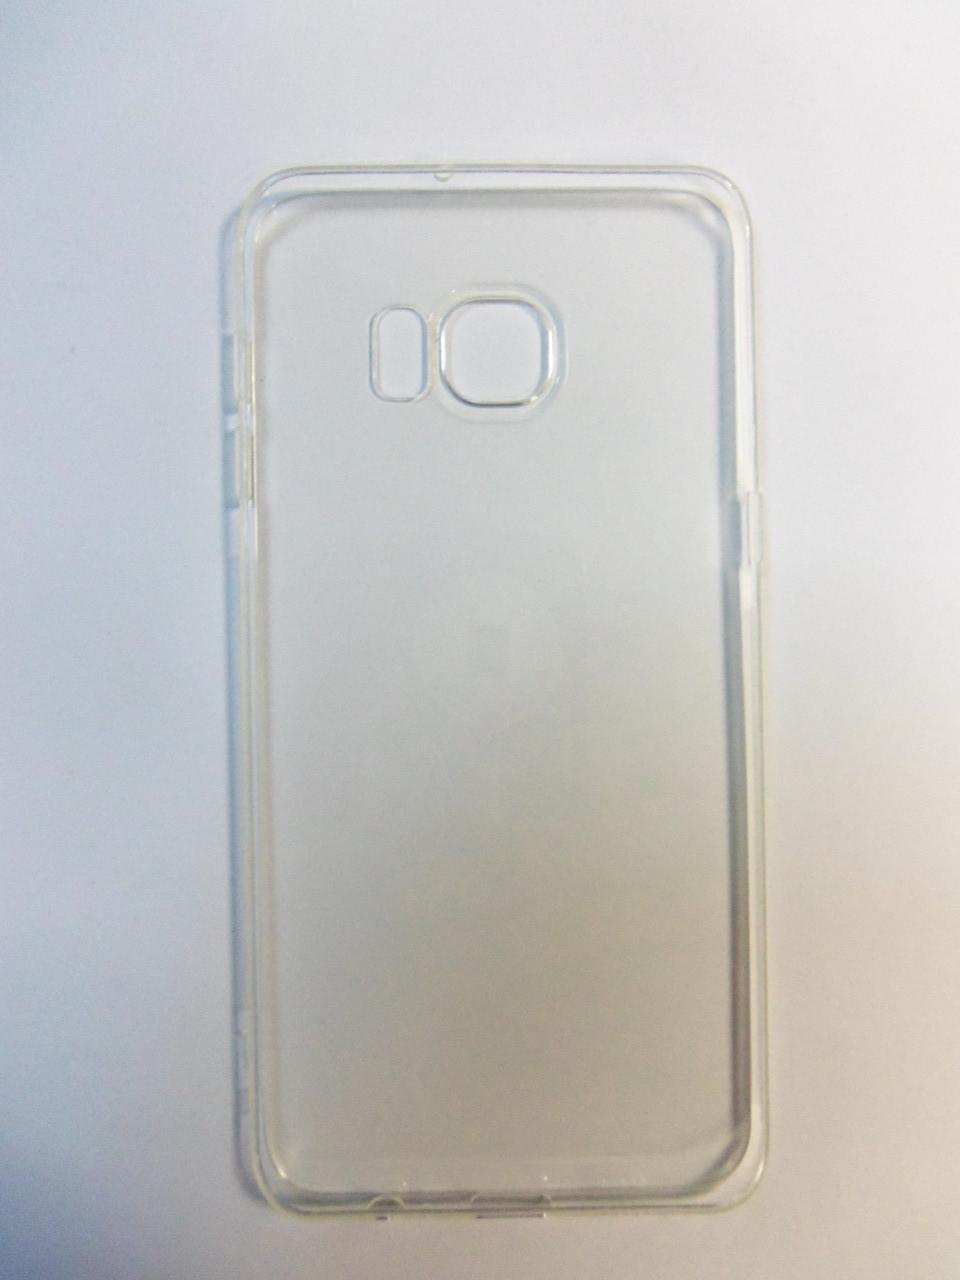 Чехол силиконовый супер тонкий Superslim Qu case Samsung G925 Galaxy S6 Edge plus  S6 Edge+ прозрачный